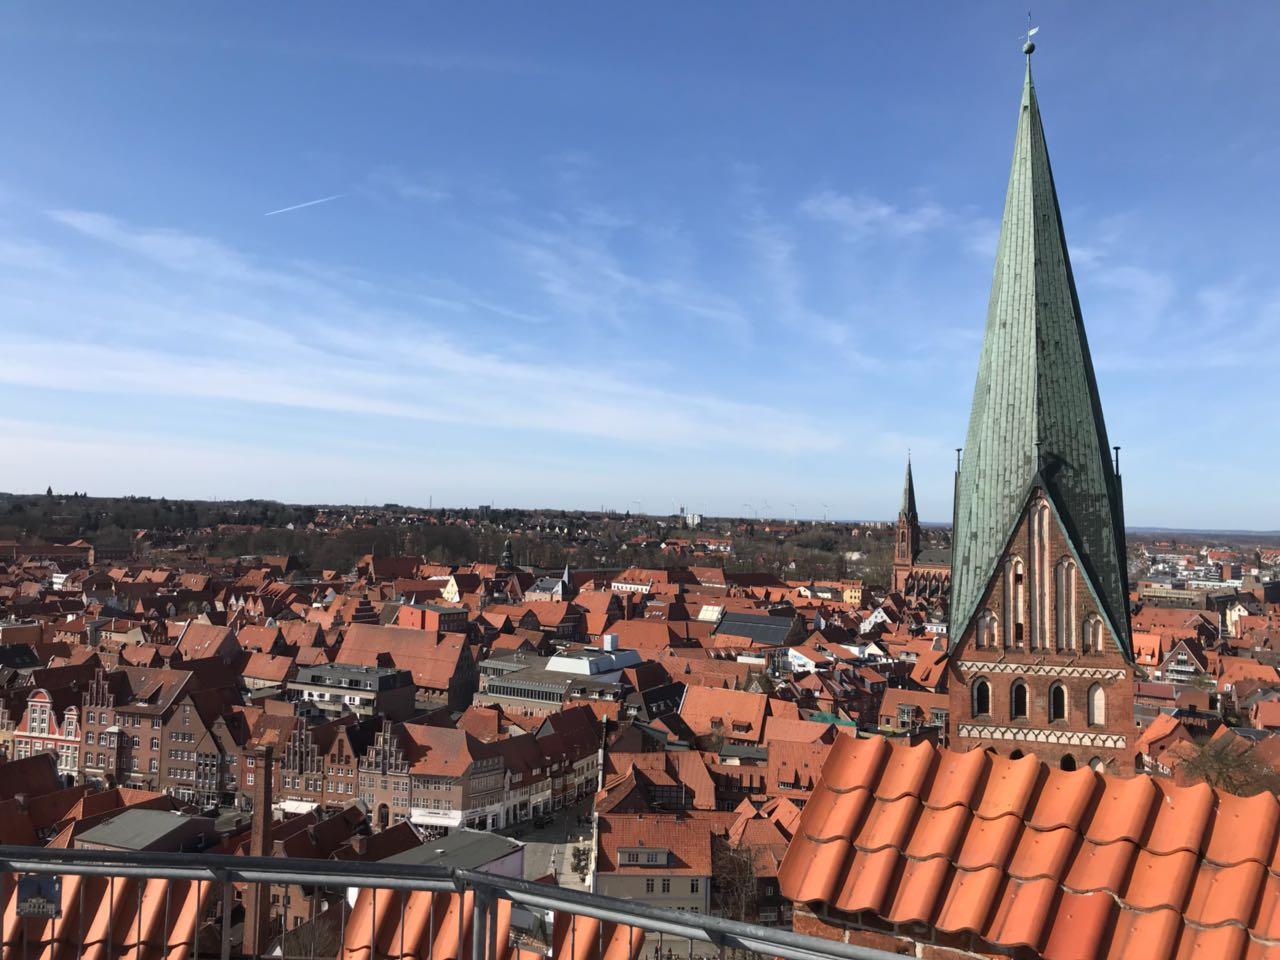 Bericht: Der Jugendvorstand in Lüneburg